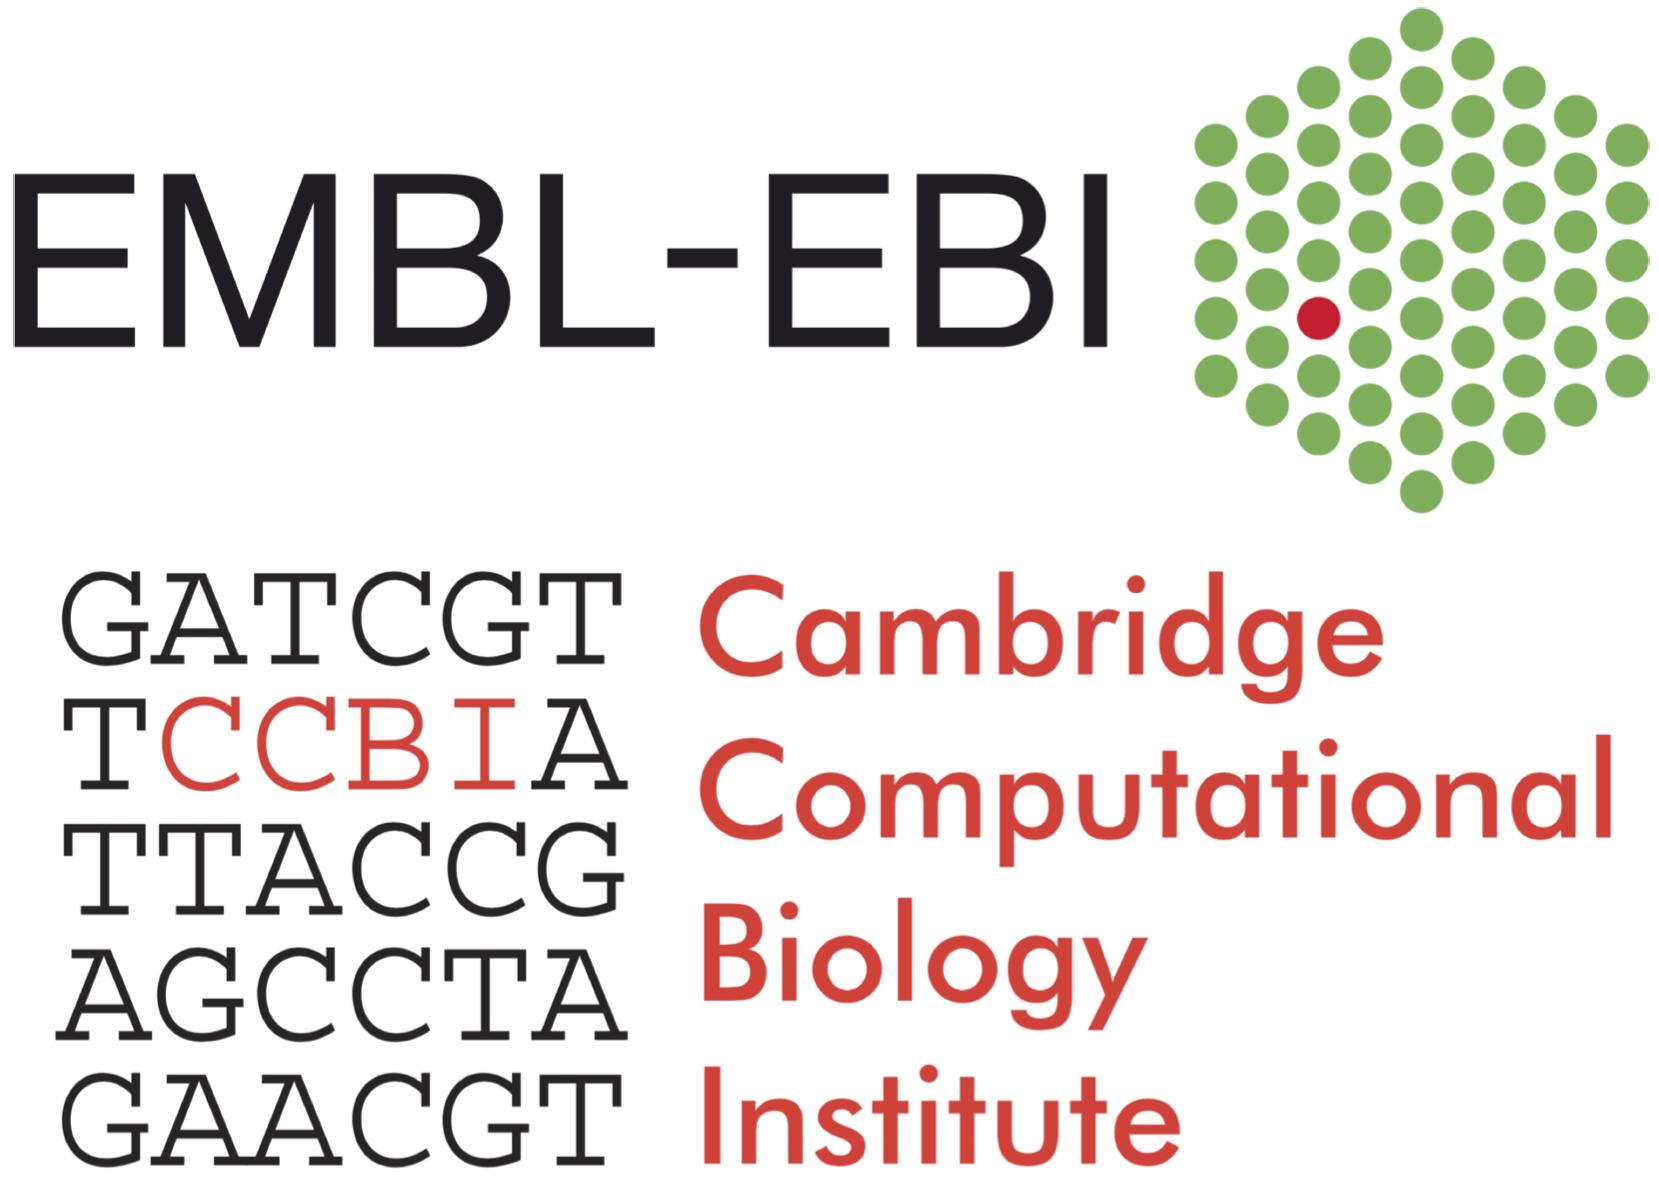 ebi.ac.uk - European Bioinformatics Institute